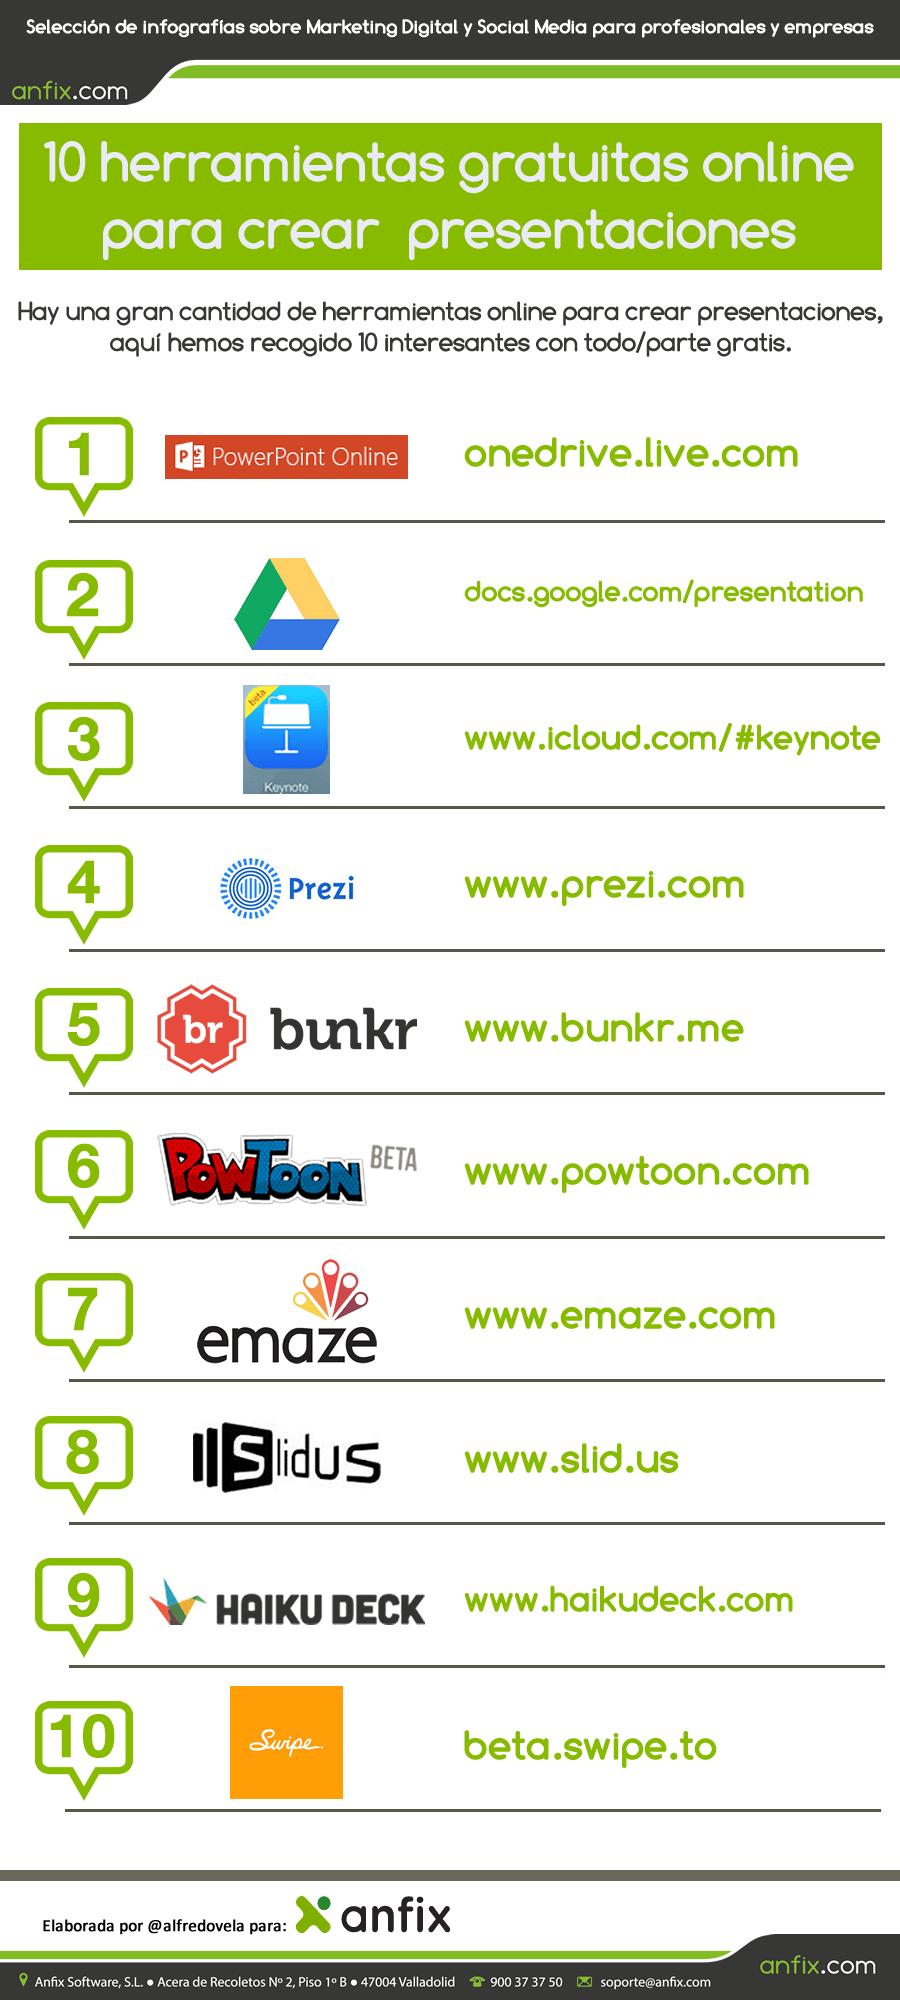 10 Herramientas Online Gratuitas Para Crear Presentaciones Infografia Infographic Marketing Crear Presentaciones Educacion Y Infografia